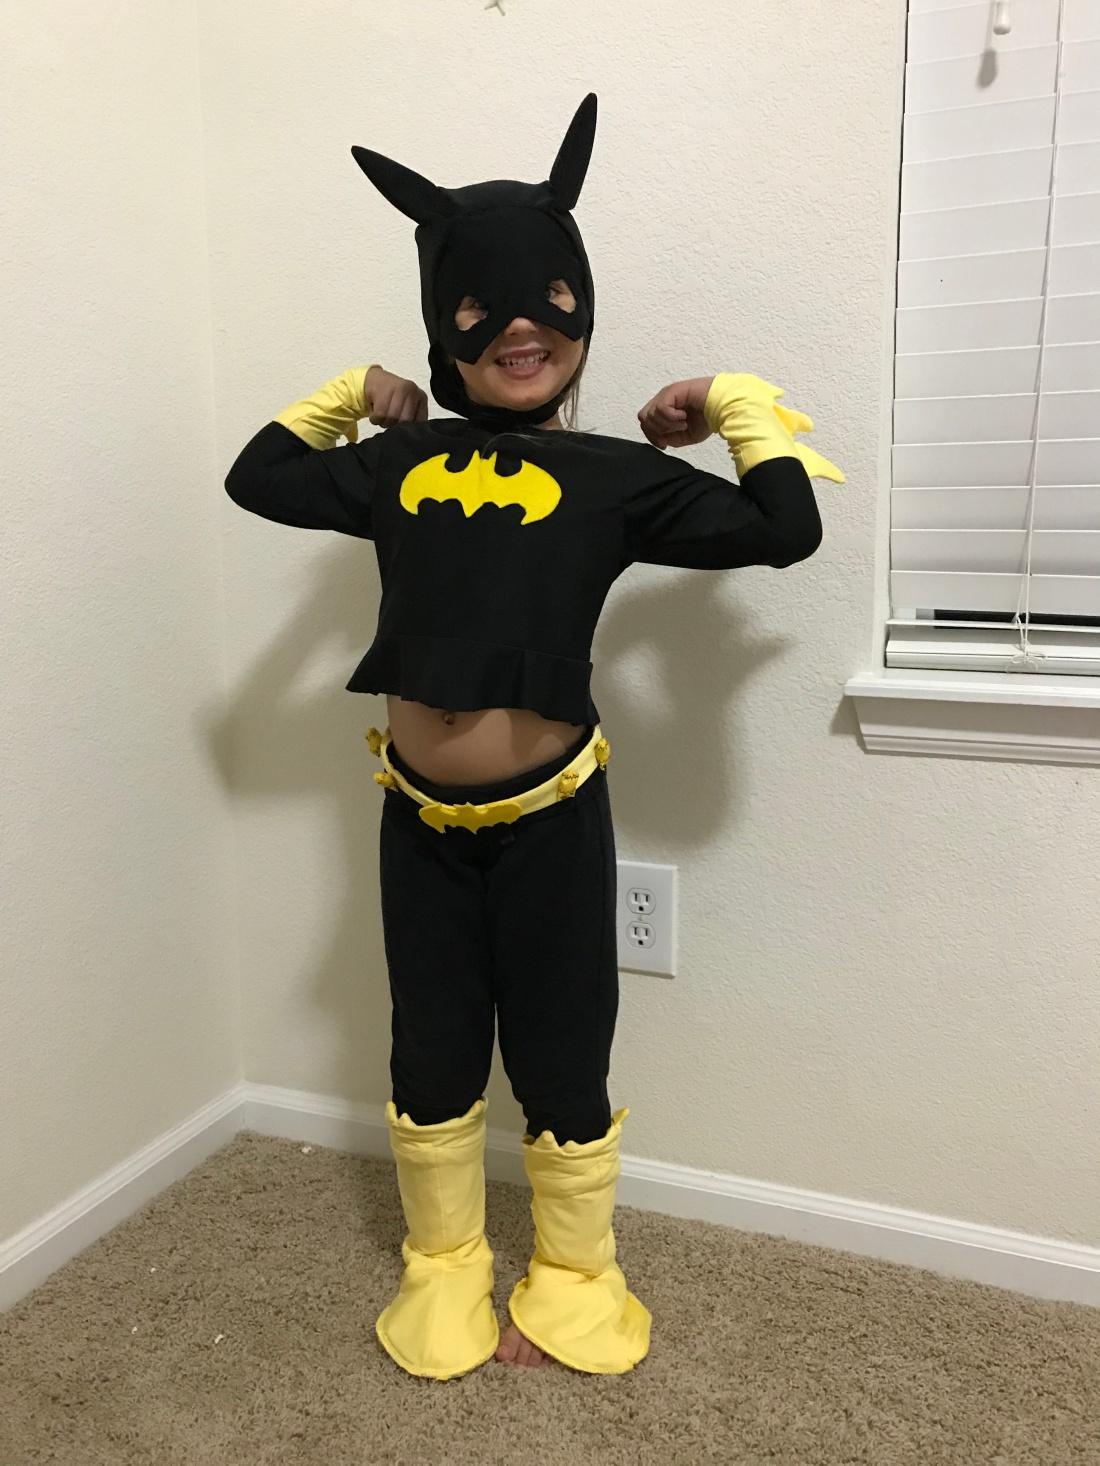 A little girl wears a homemade Batman costume.